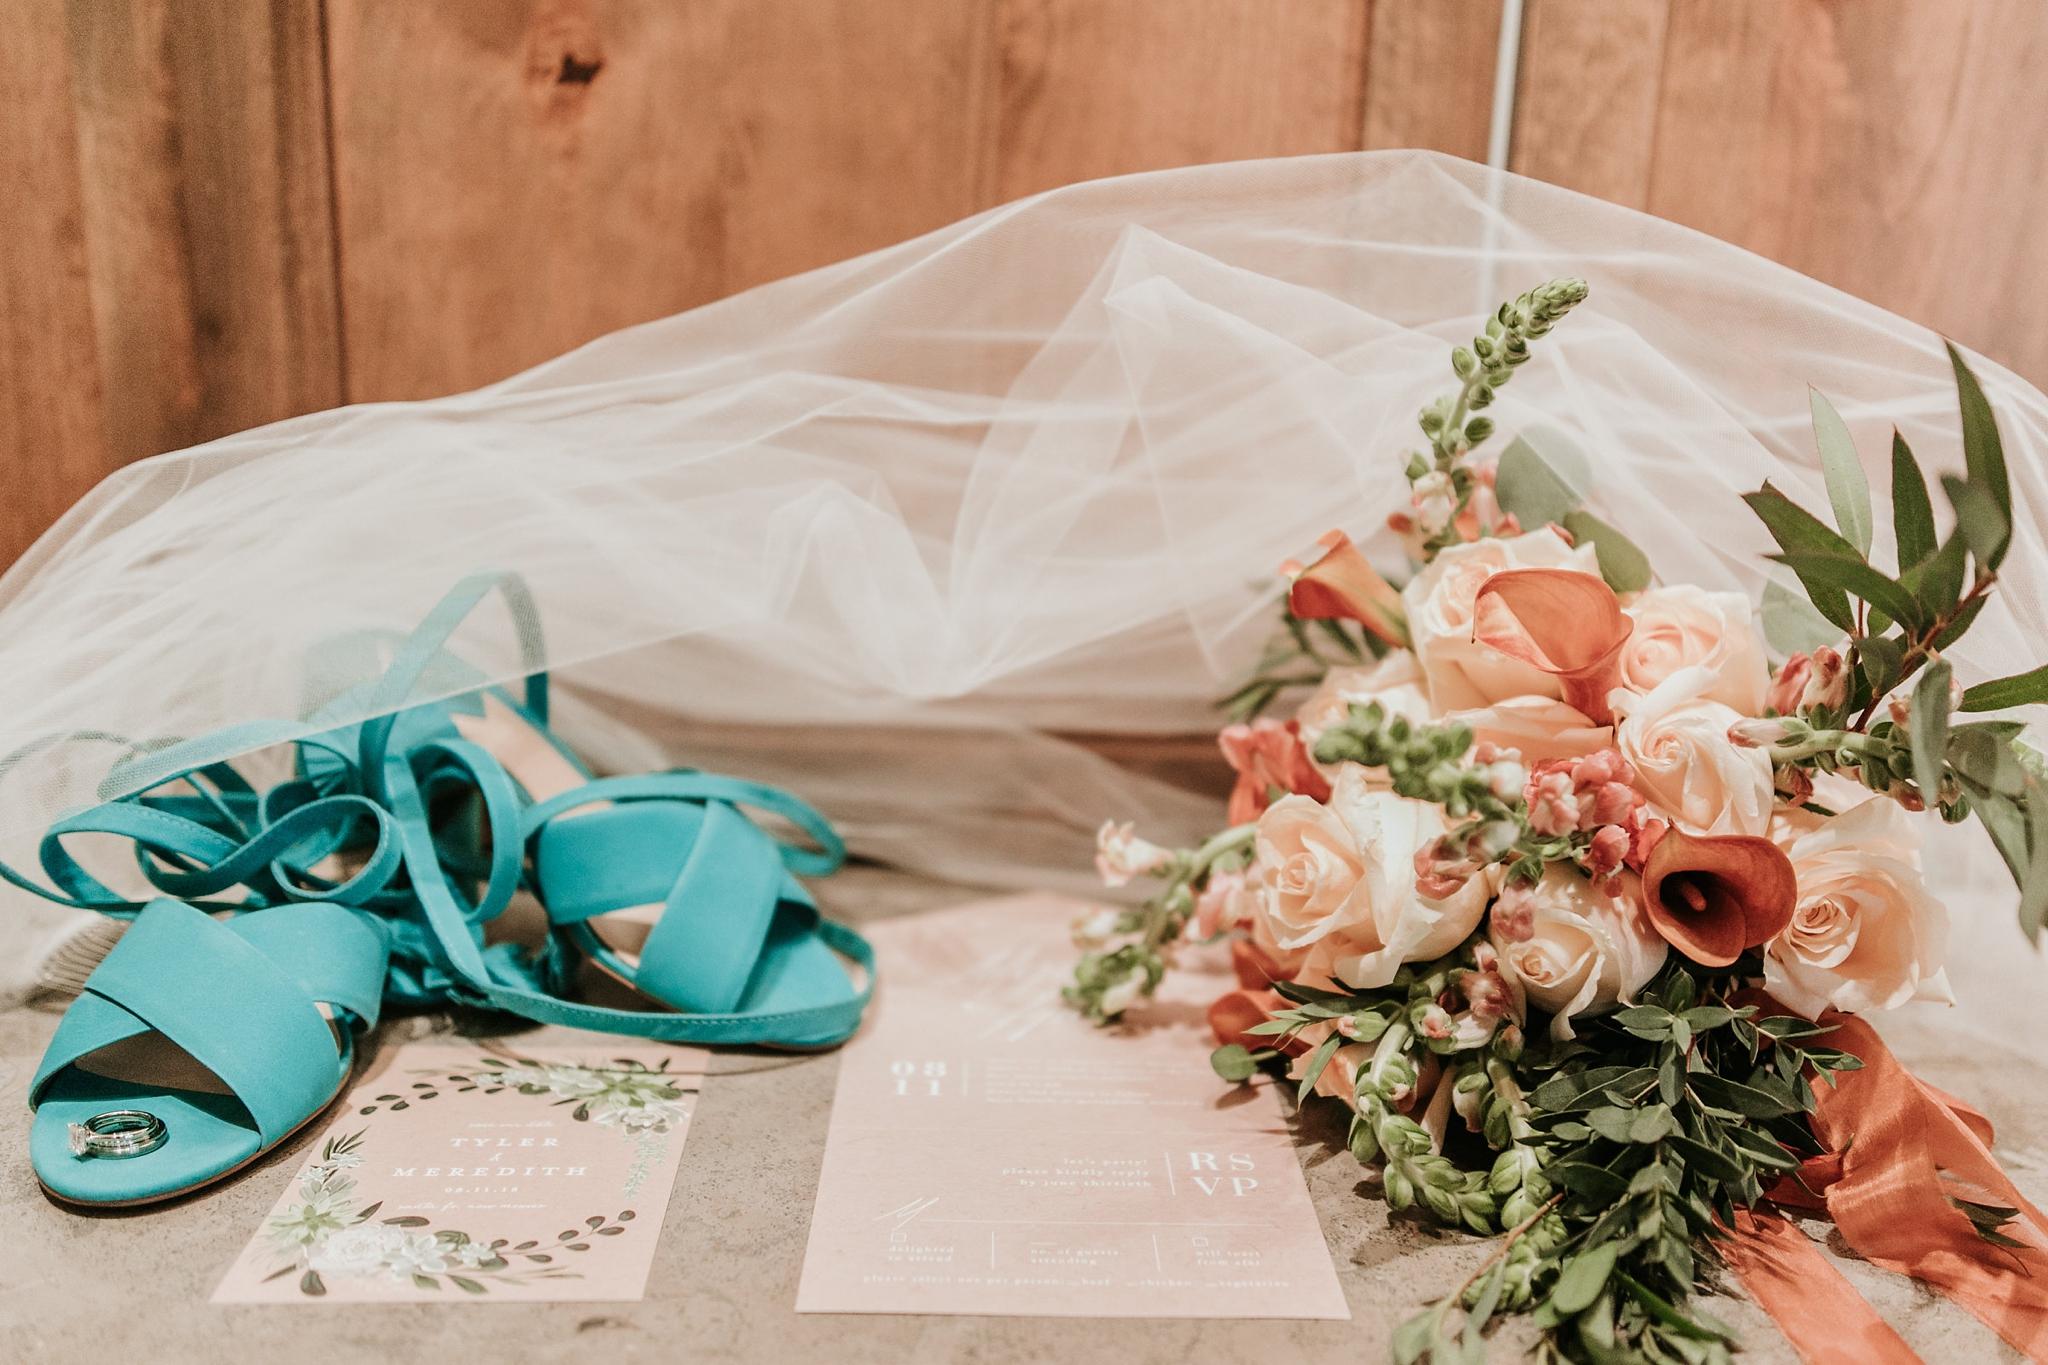 Alicia+lucia+photography+-+albuquerque+wedding+photographer+-+santa+fe+wedding+photography+-+new+mexico+wedding+photographer+-+new+mexico+wedding+-+wedding+invitations+-+invitation+suite+-+wedding+inspo_0026.jpg